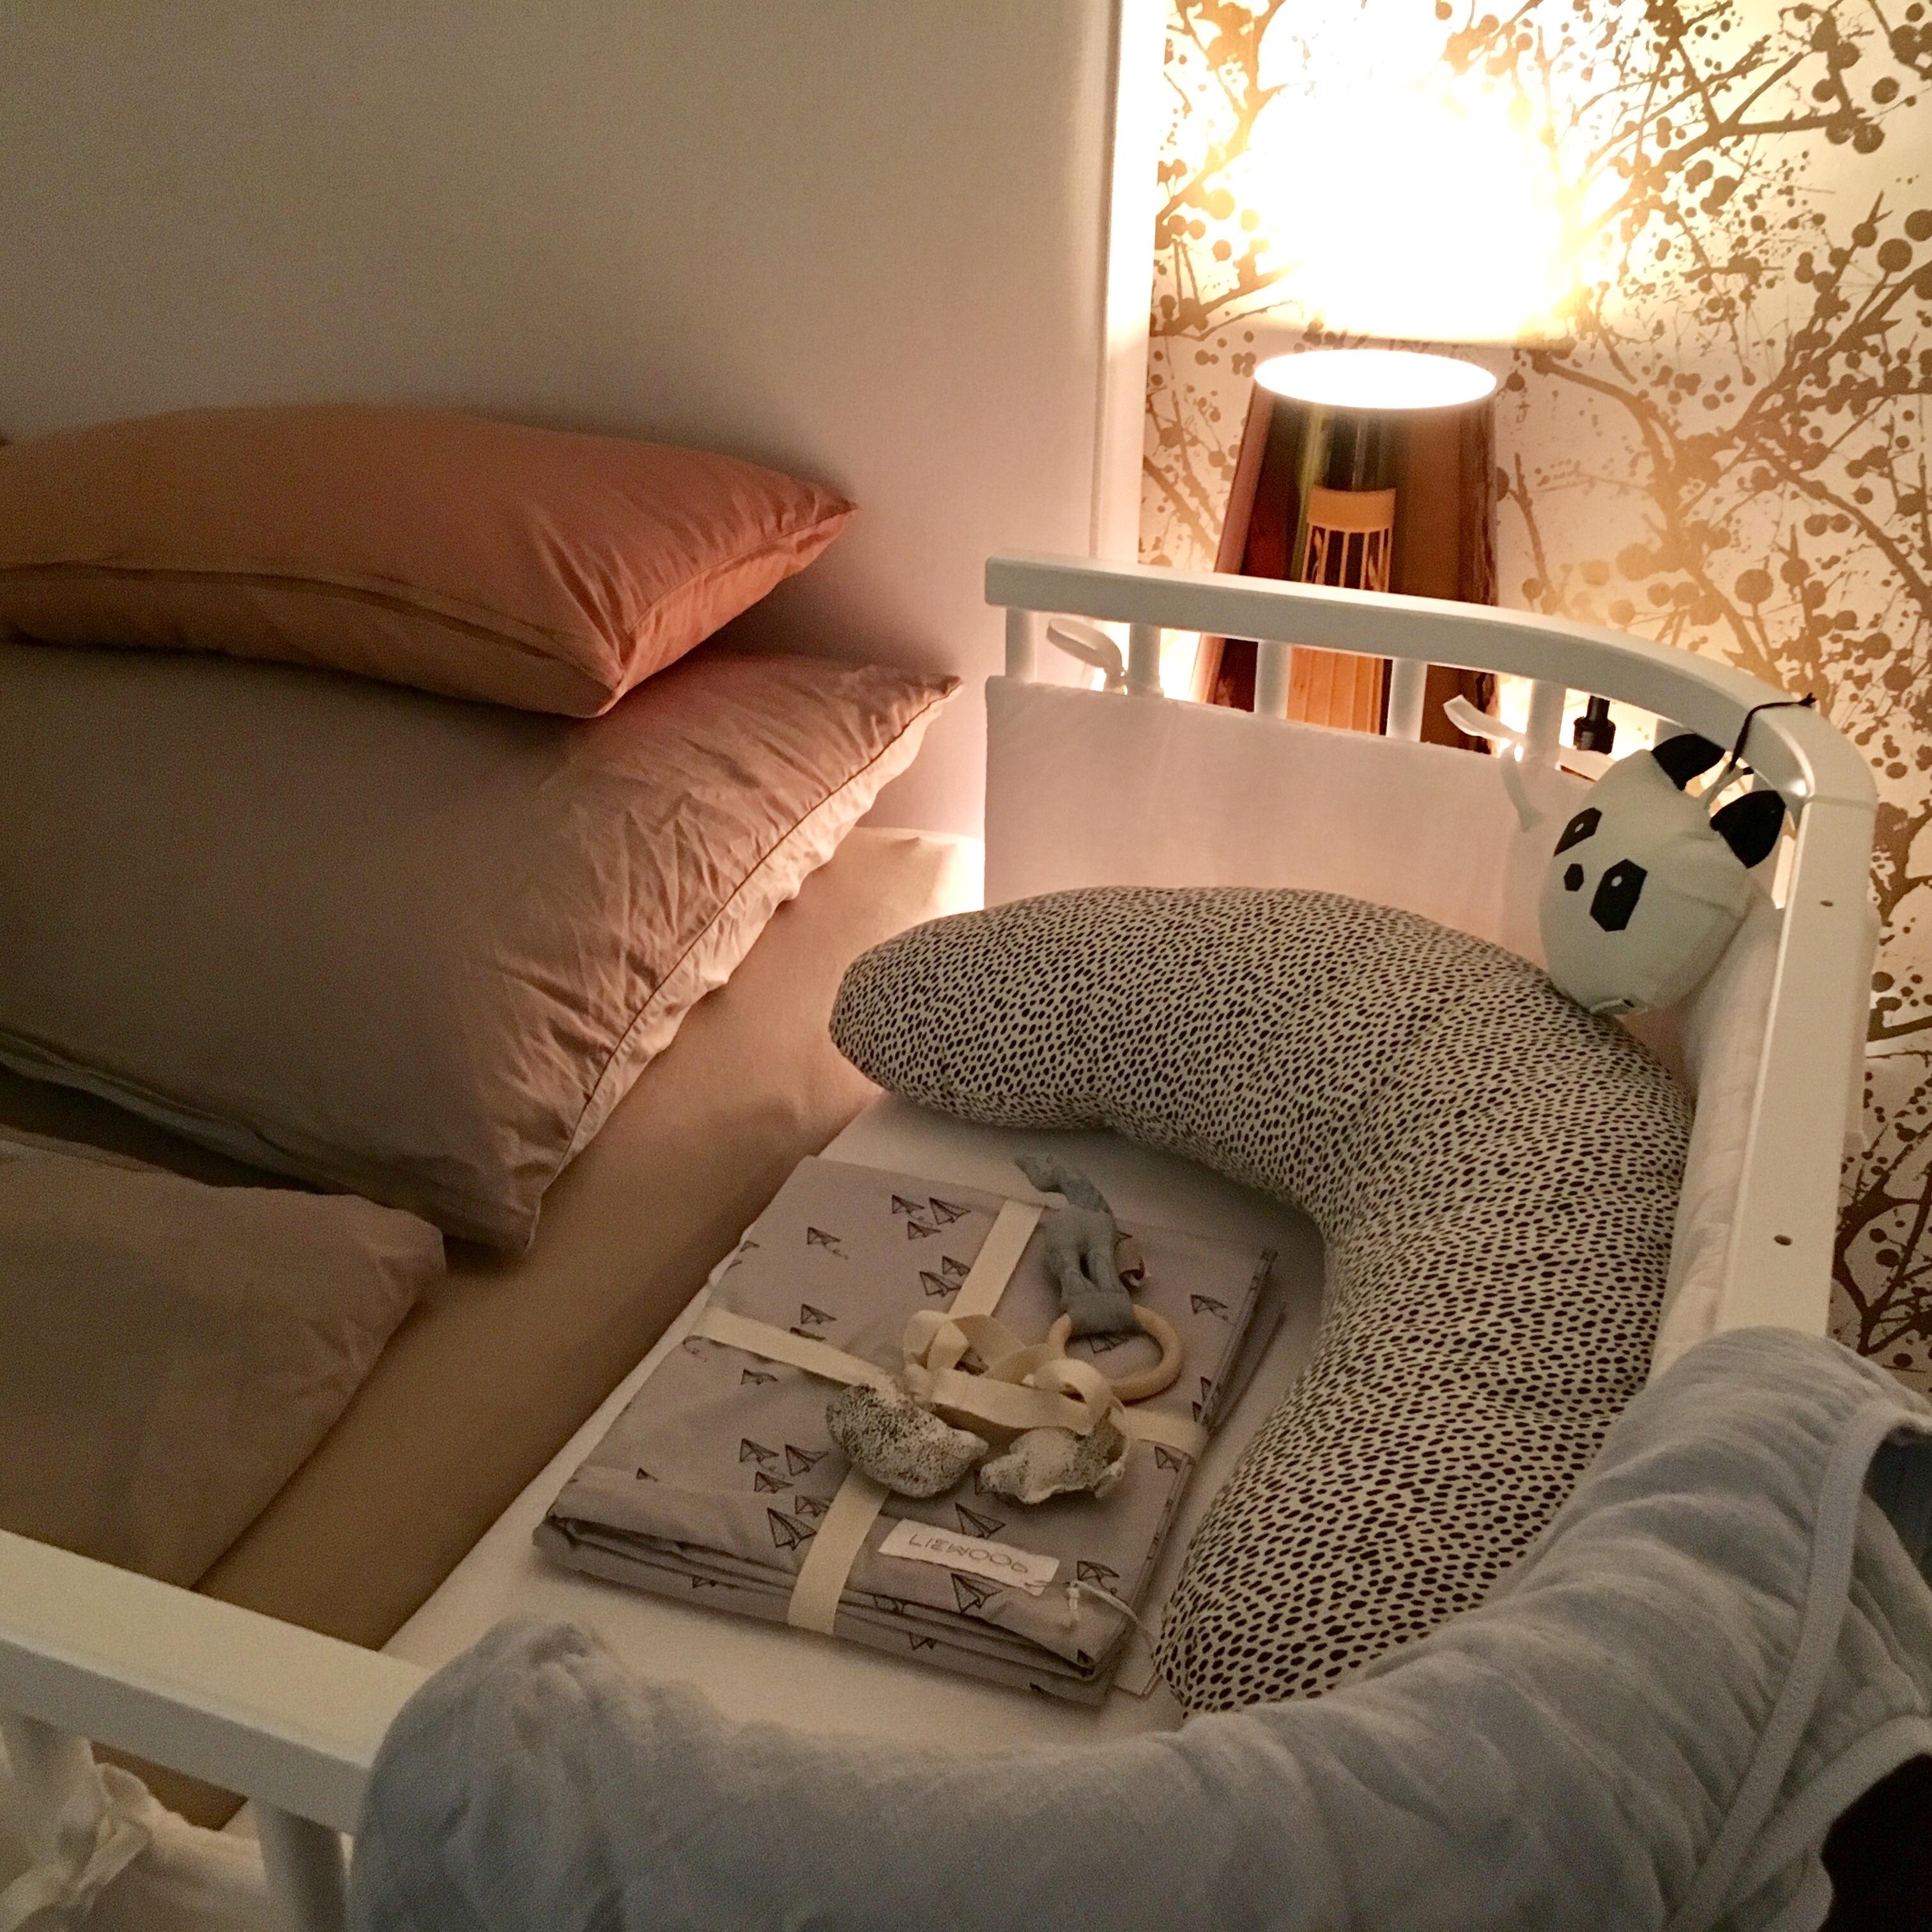 babybay das praktische beistellbett f r die ersten monate. Black Bedroom Furniture Sets. Home Design Ideas